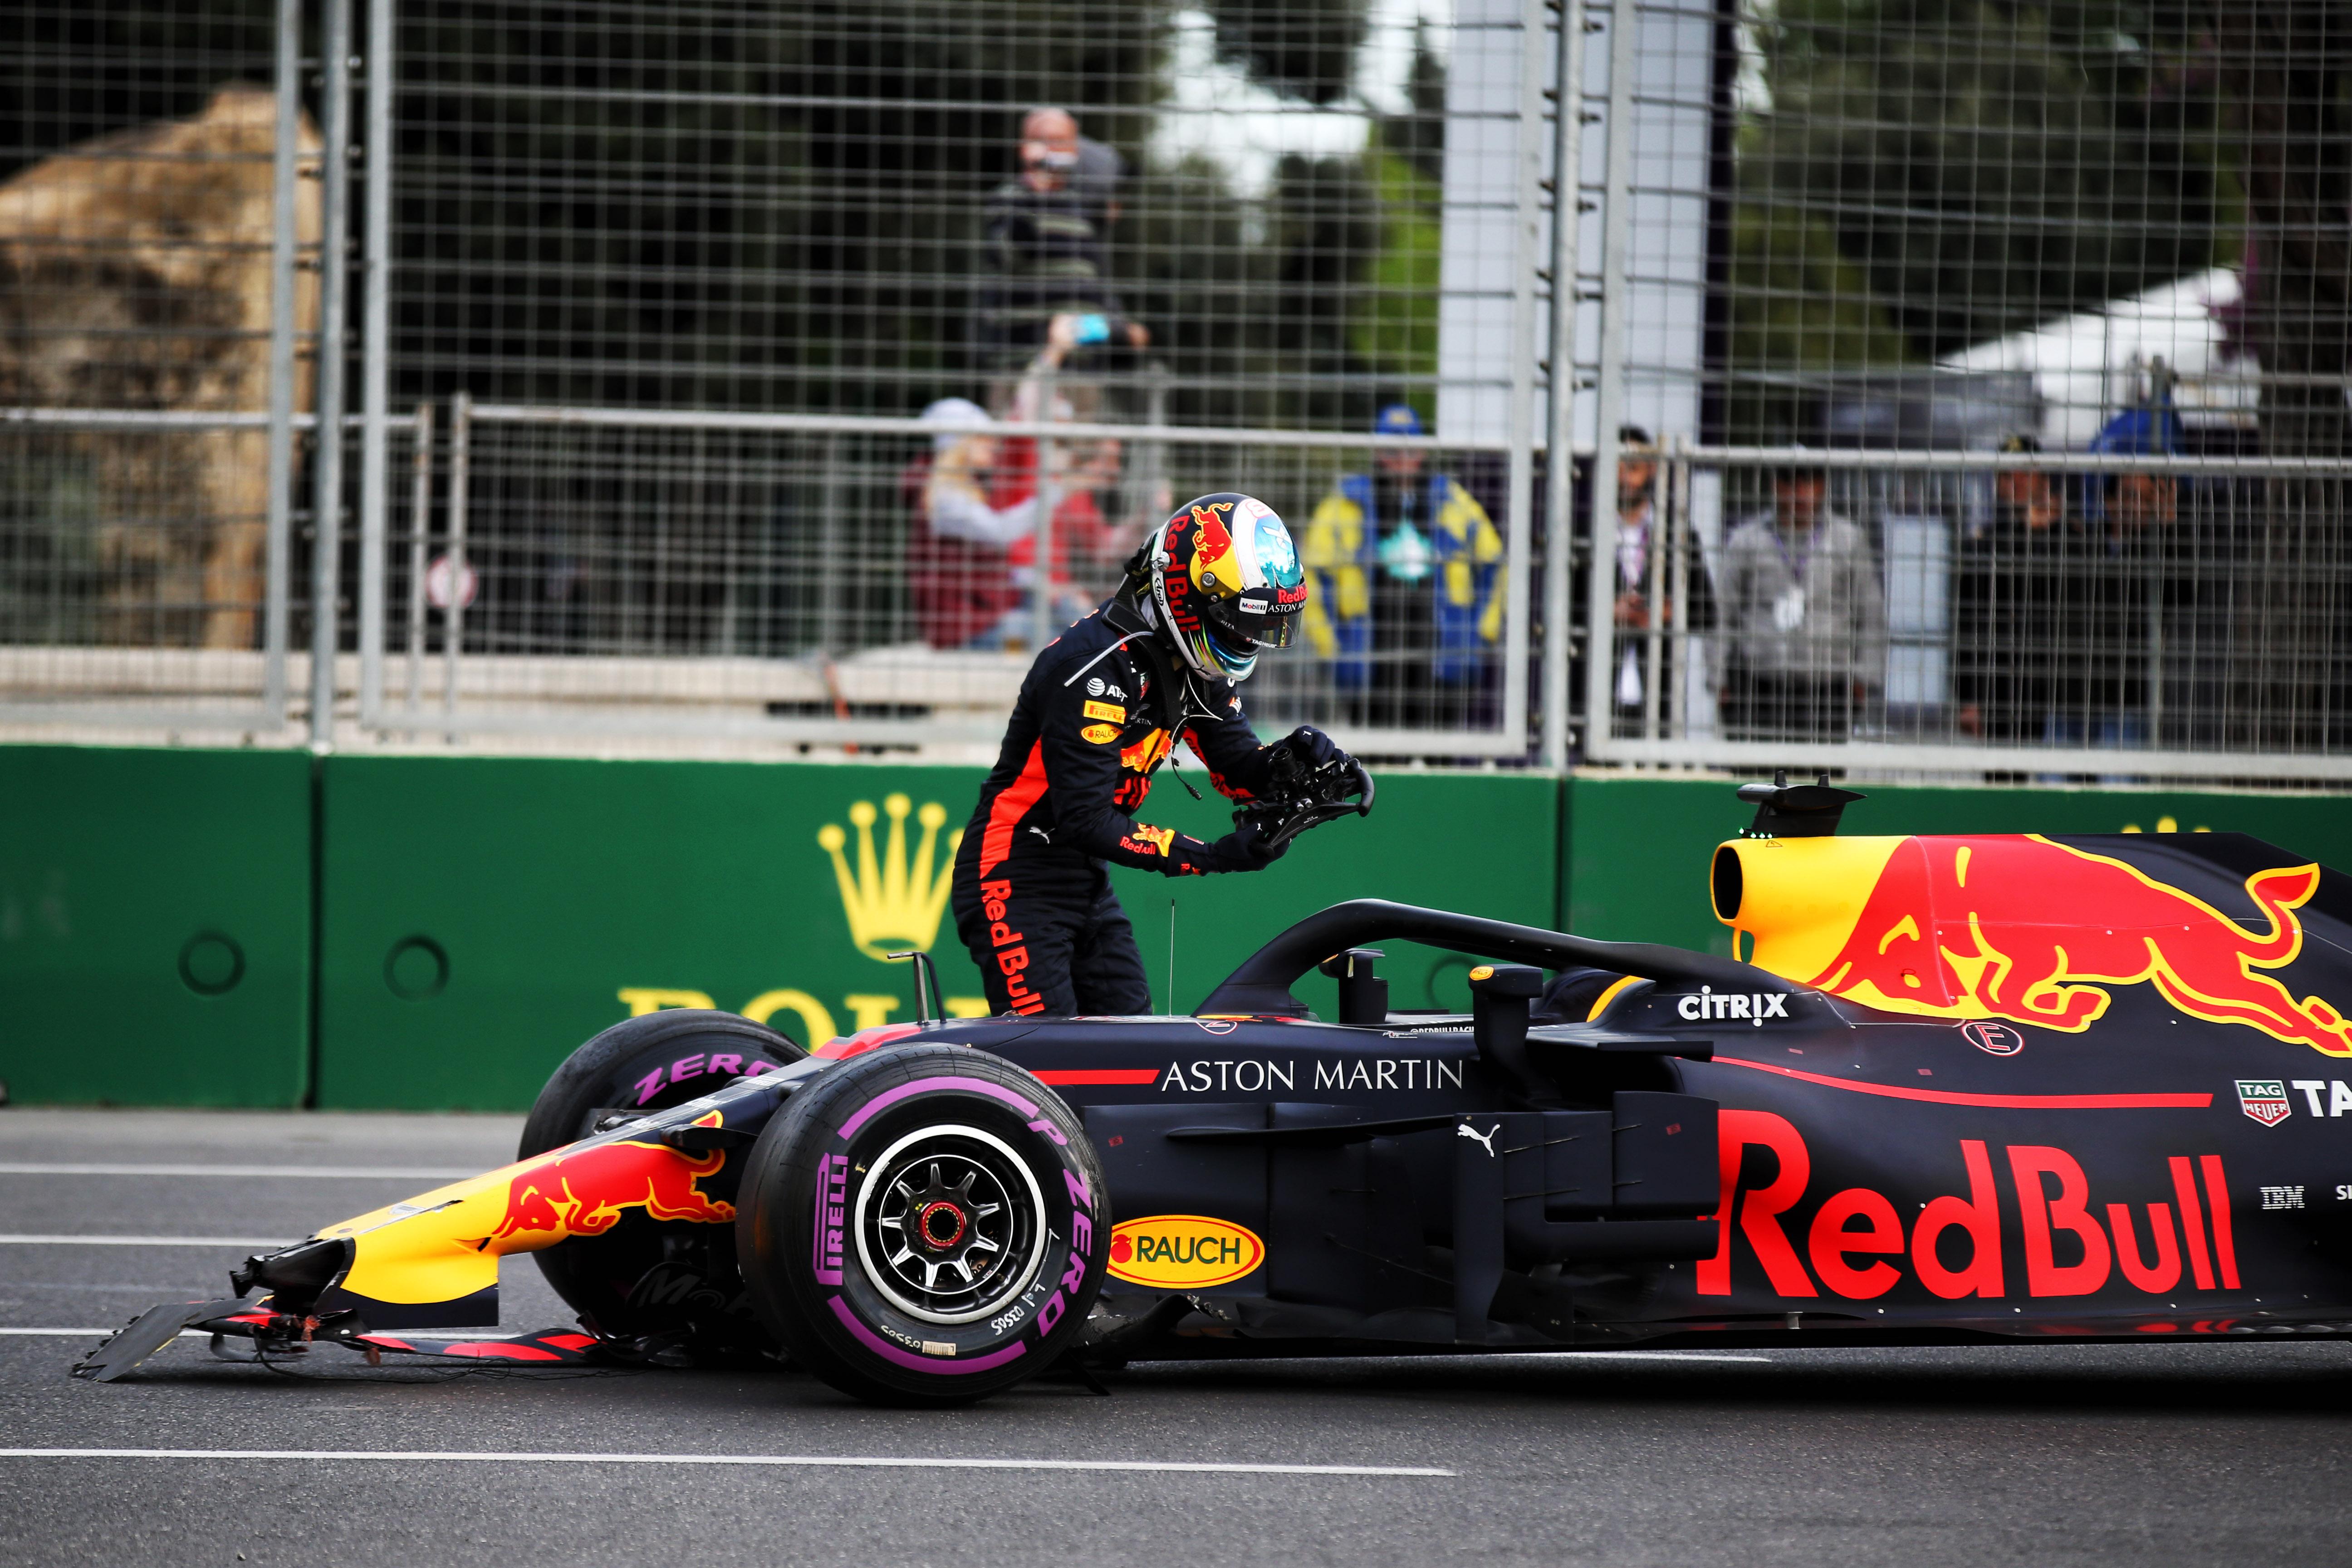 Daniel Ricciardo - Red Bull Racing [2018]